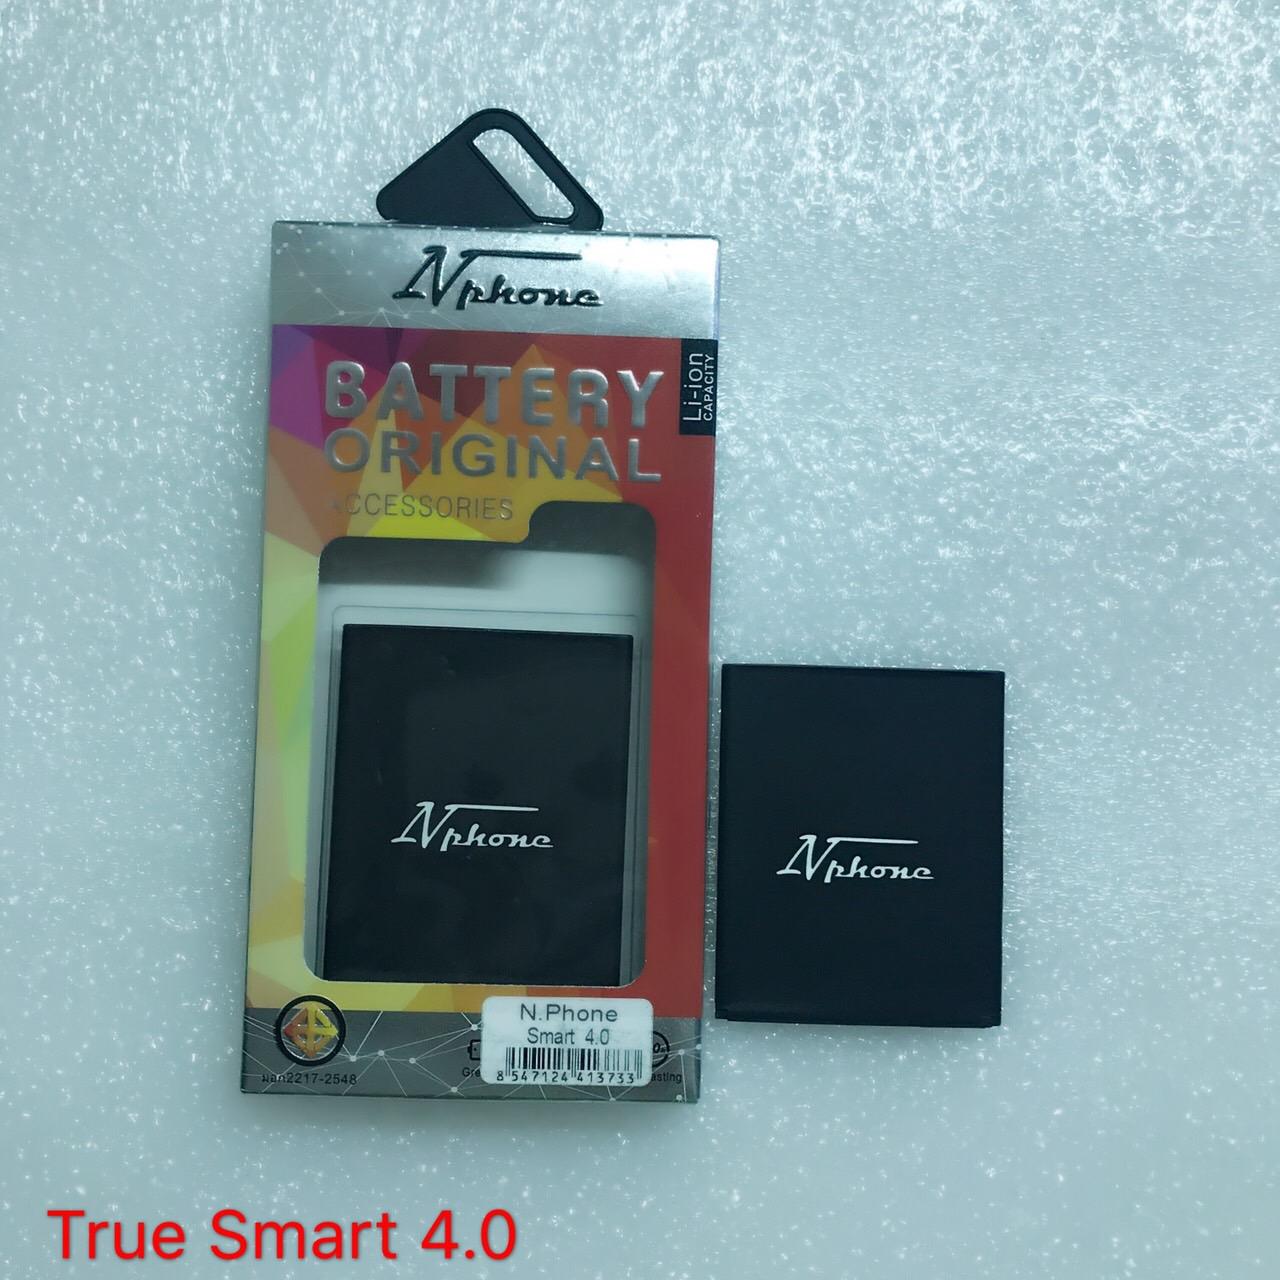 แบตเตอร์รี่ งานบริษัท ( มี มอก ไส้เต็ม ) True Smart 4.0